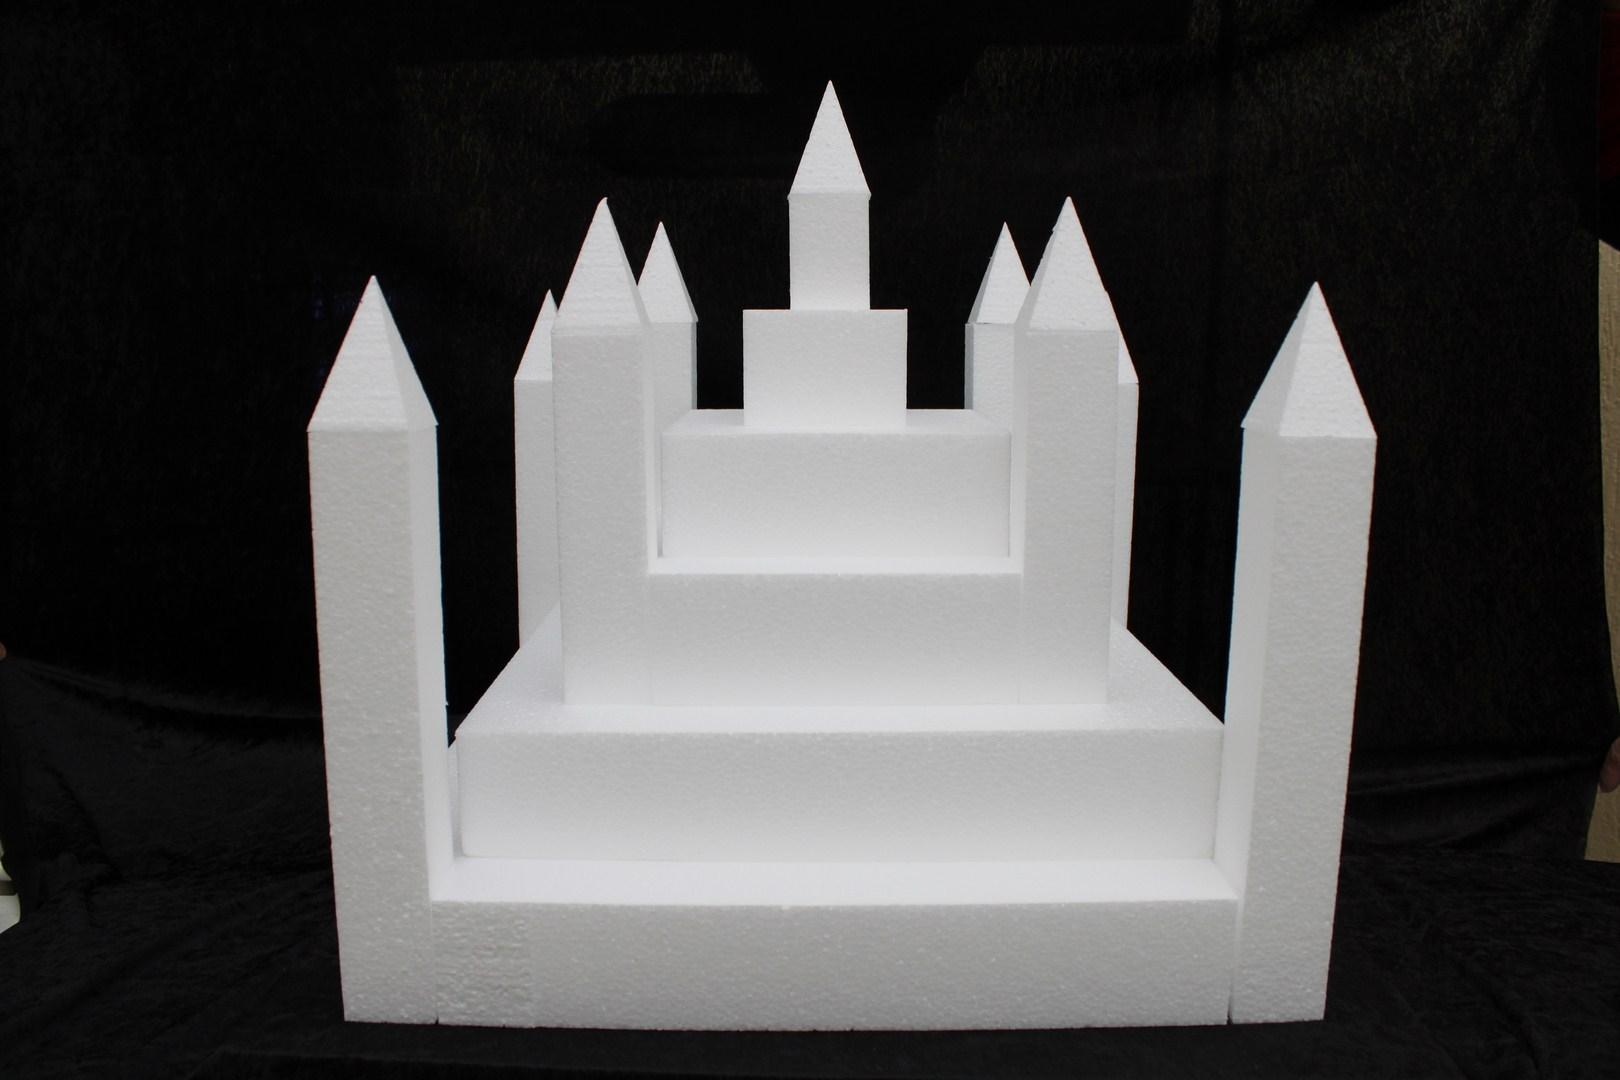 Kasteel 23 delig taartdummie set - 50 x 50 cm, 49 cm hoog